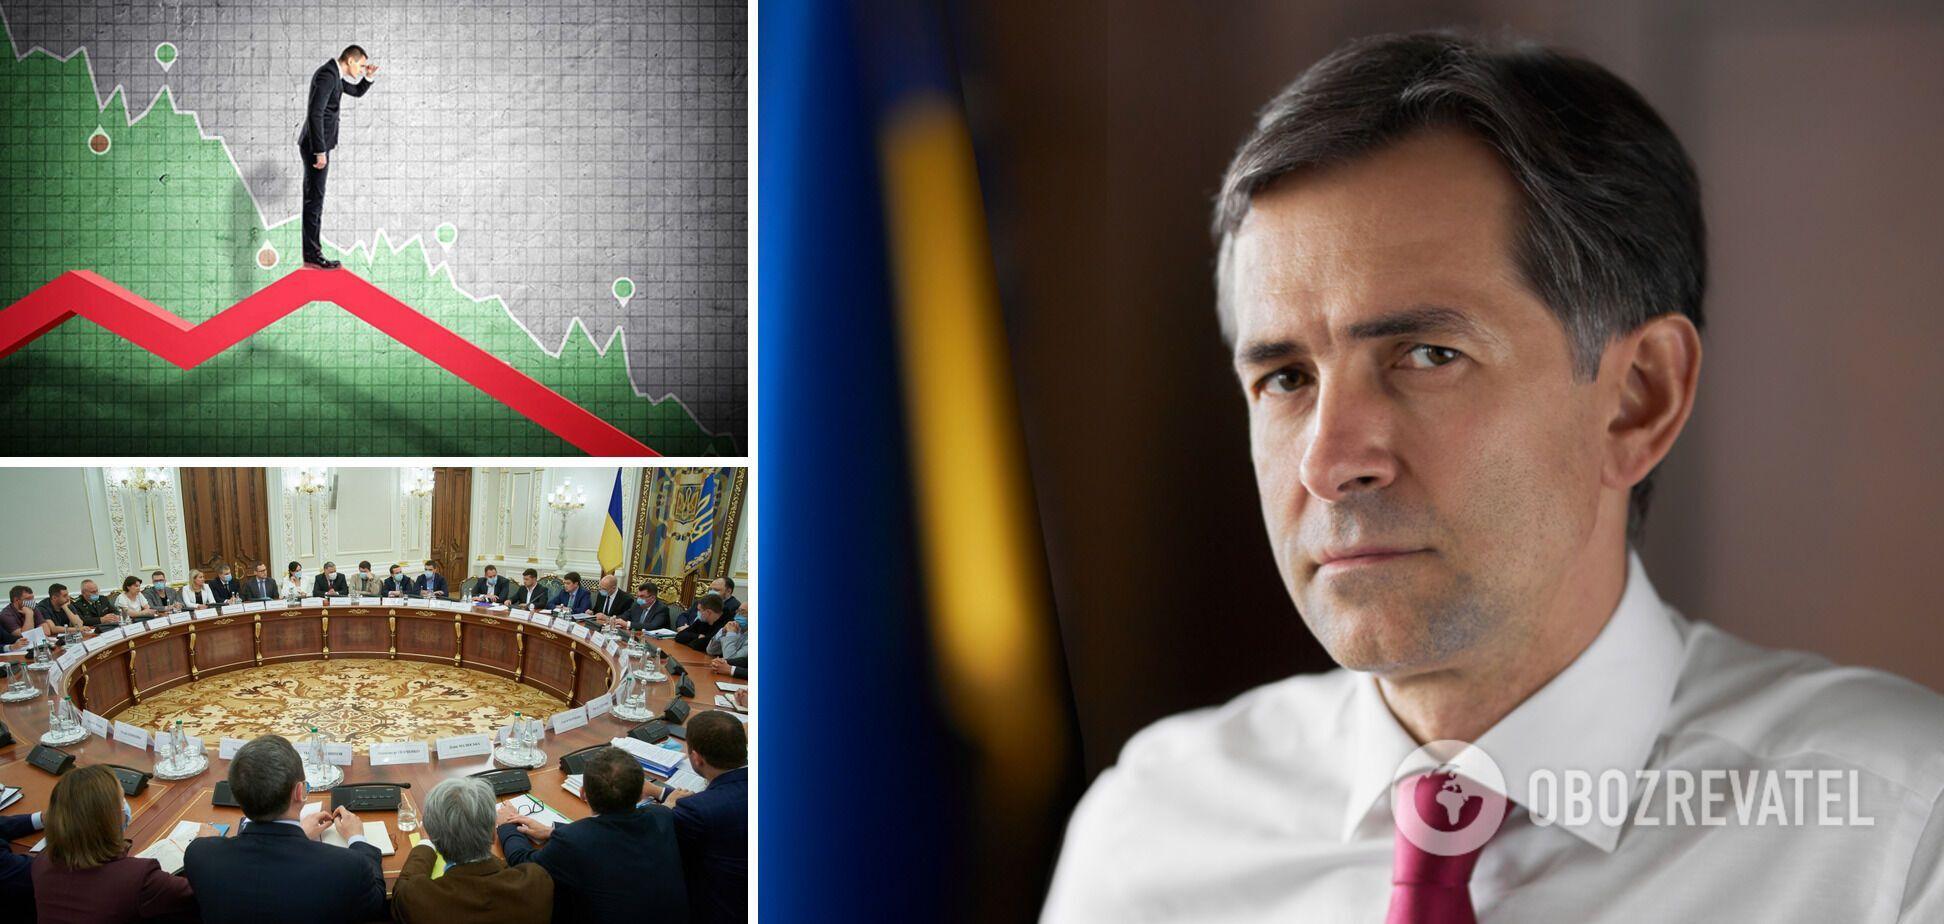 Любой кризис – это возможность. И сейчас Украина имеет шанс измениться раз и навсегда